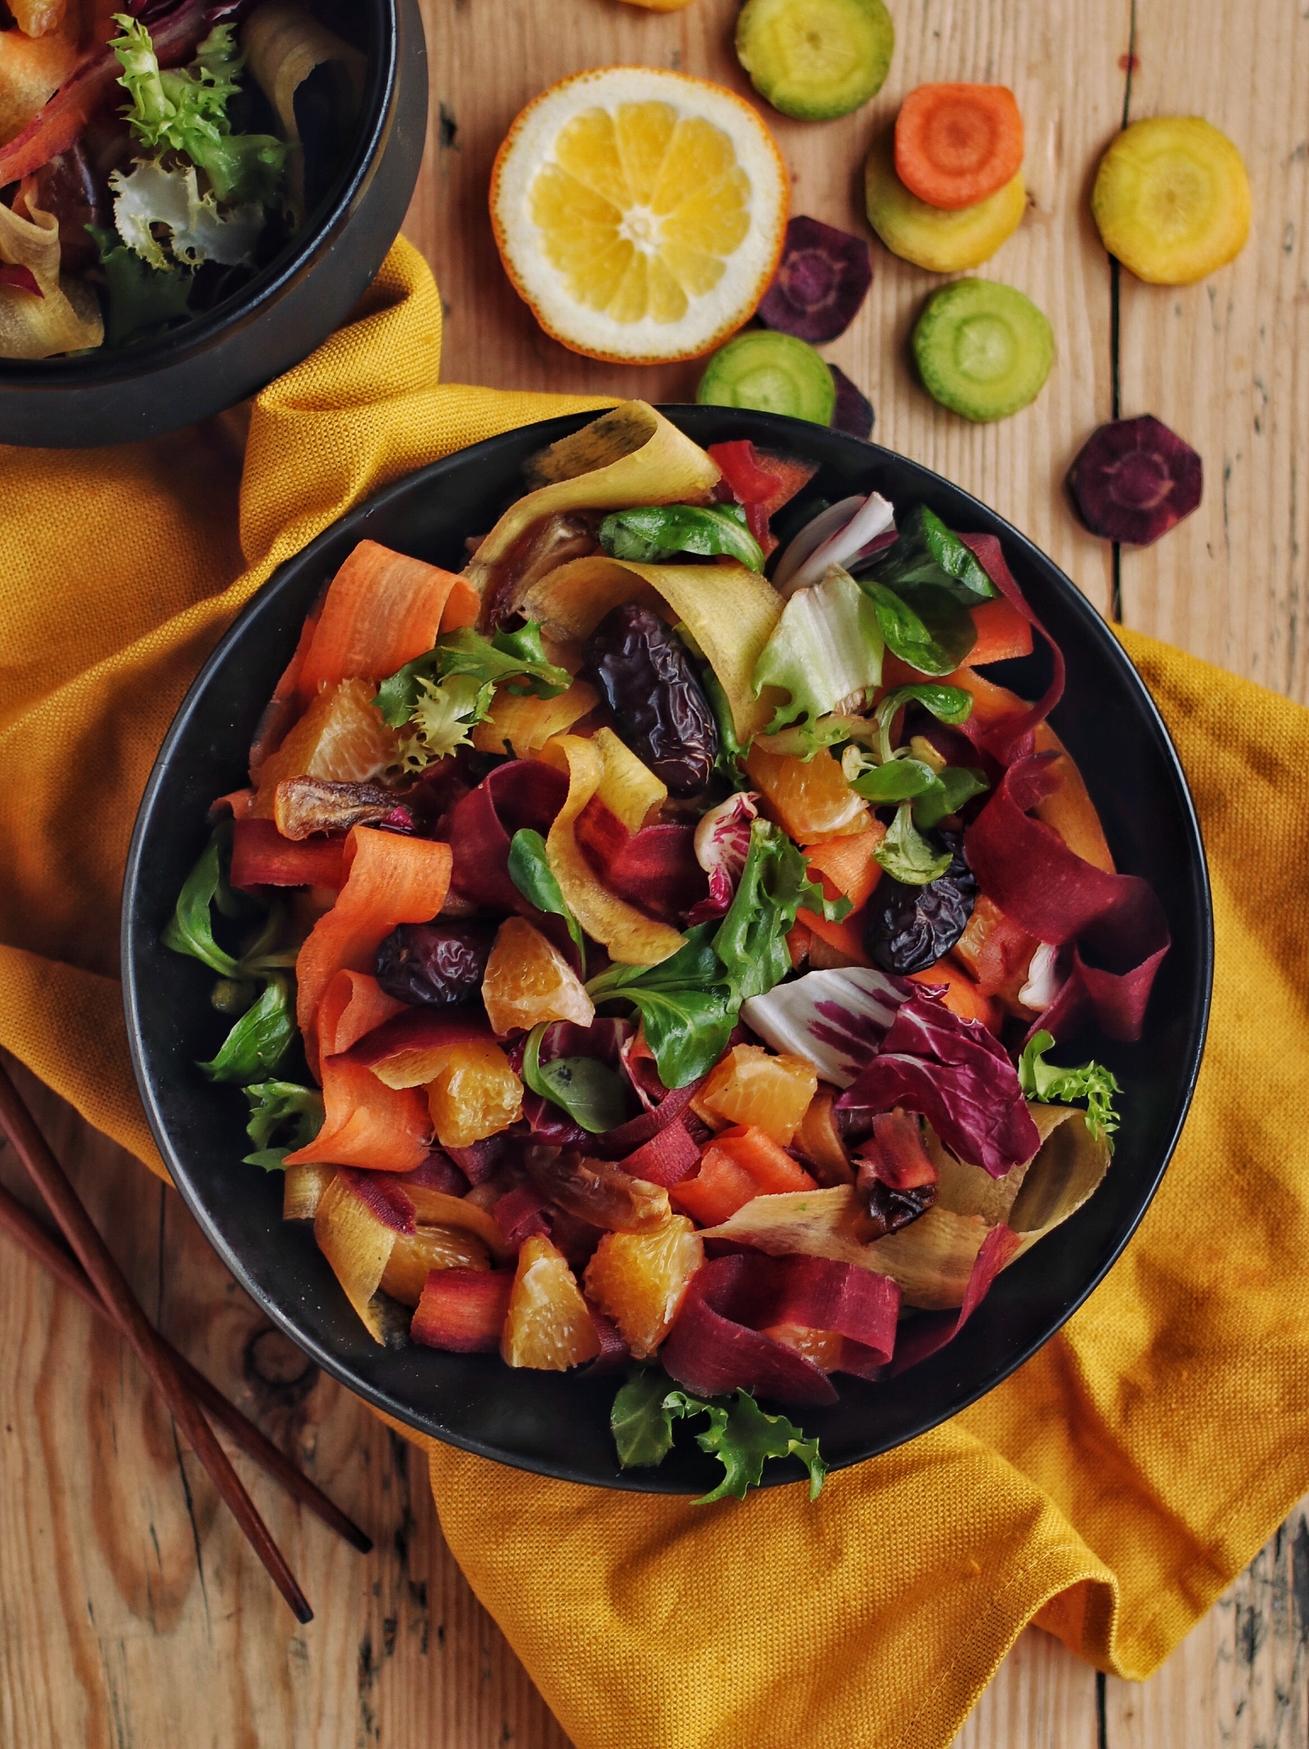 burkānu un dateļu salāti